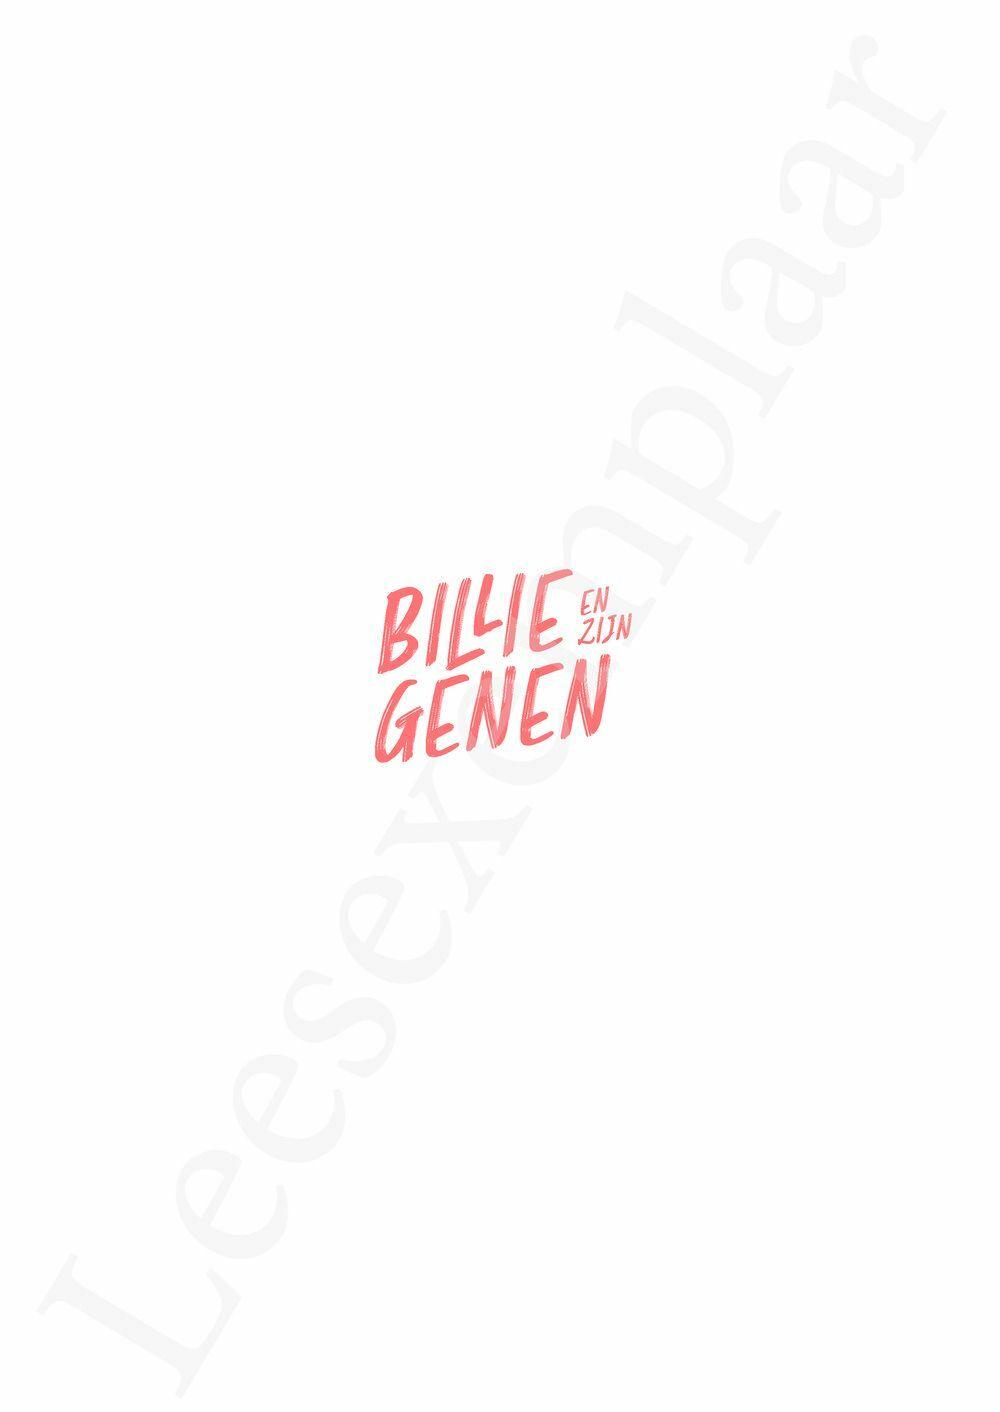 Preview: Billie en zijn genen